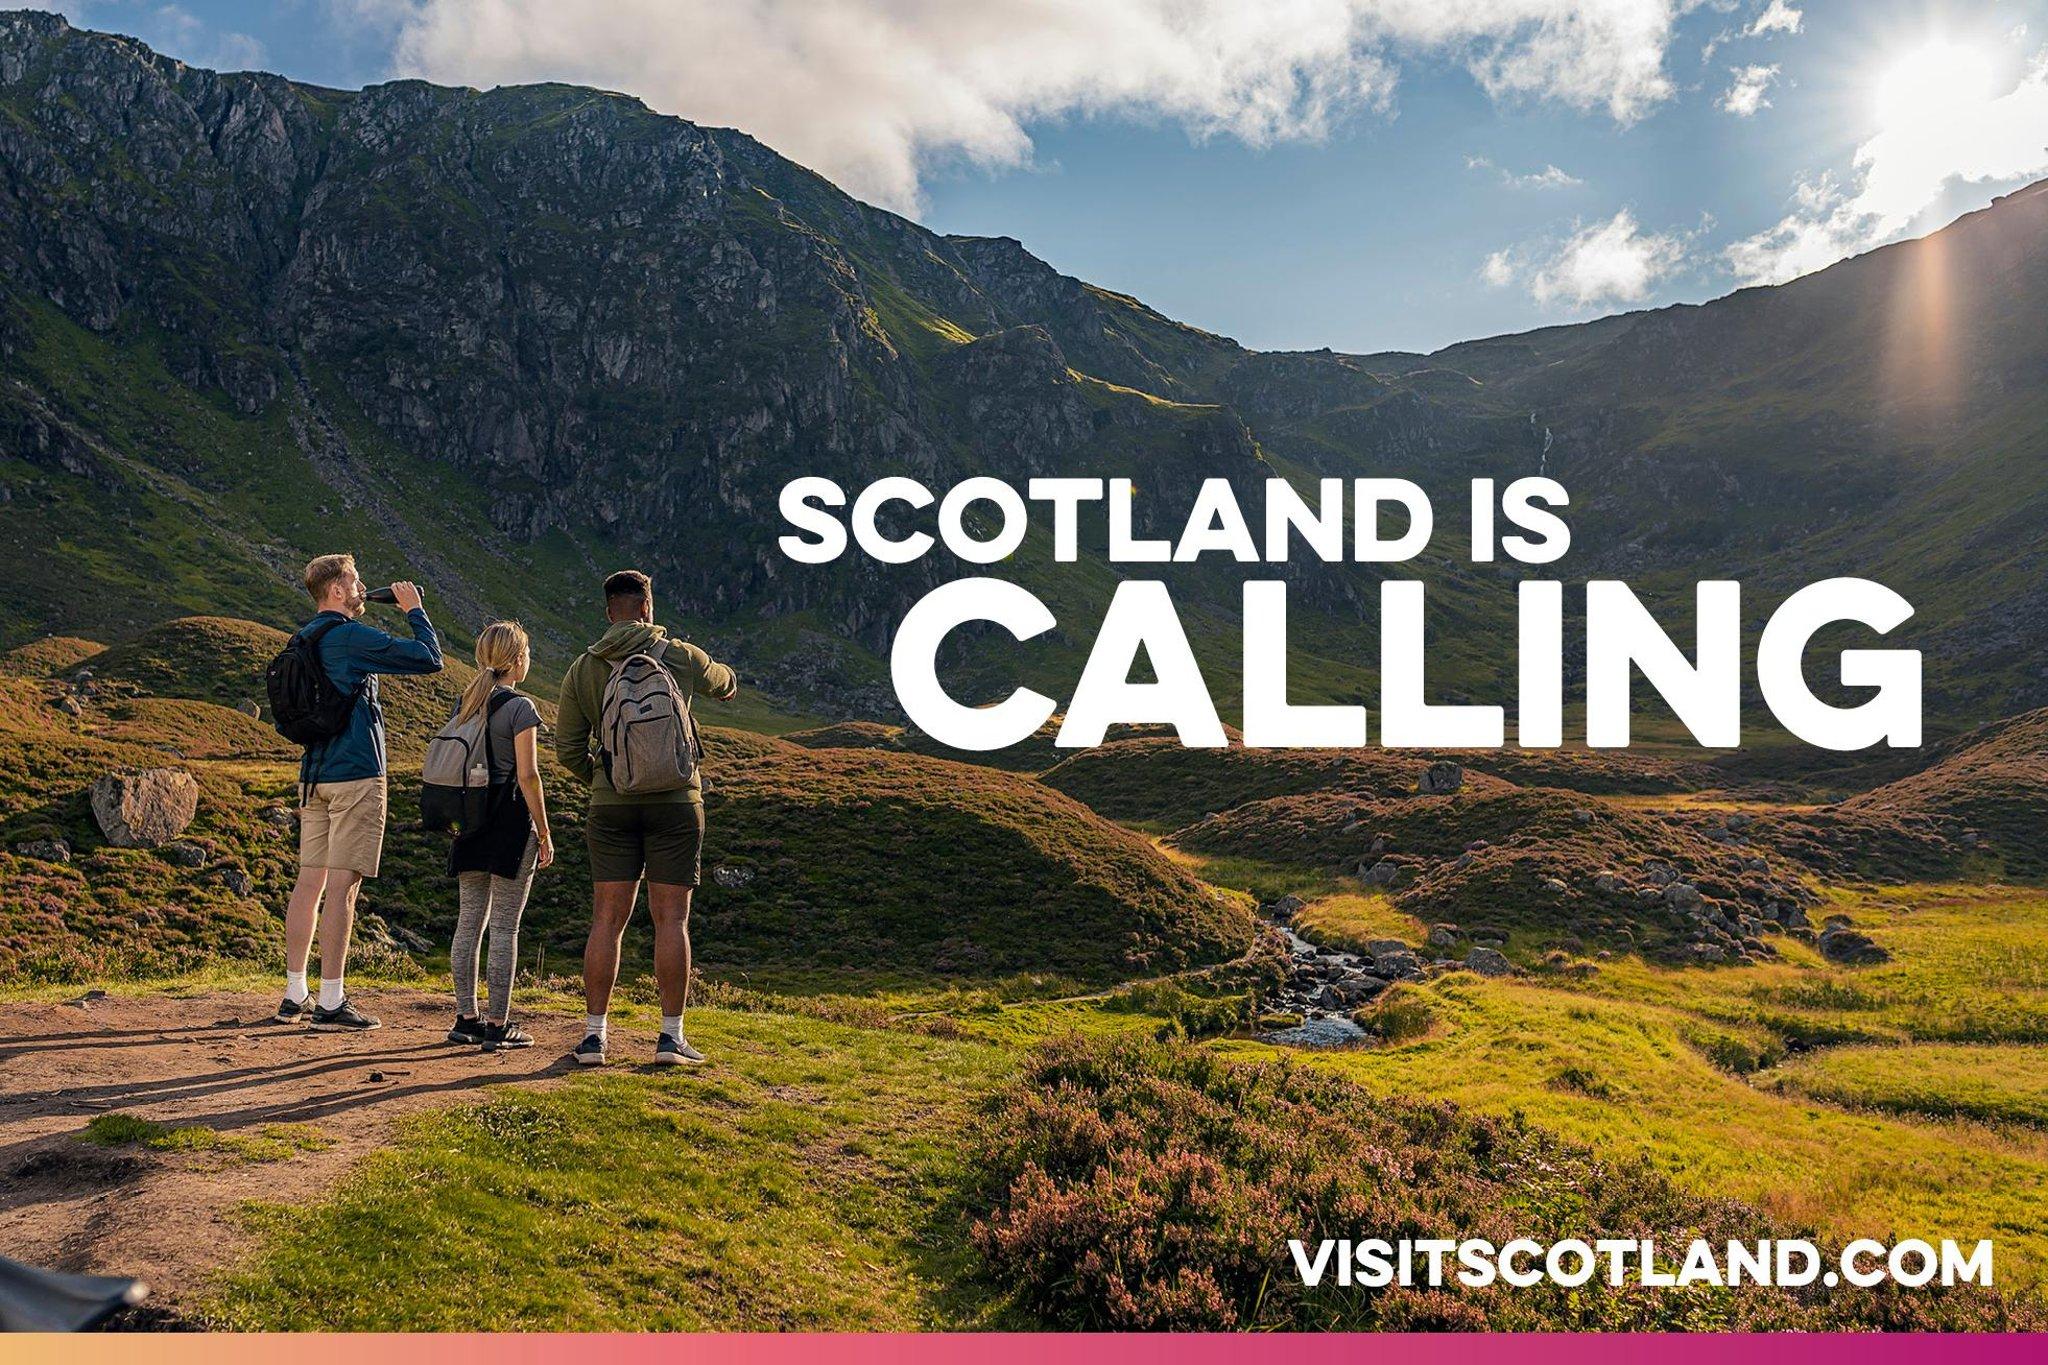 Pengunjung luar negeri didesak untuk merangkul 'perjalanan lambat' dalam kampanye baru untuk membawa mereka kembali ke Skotlandia